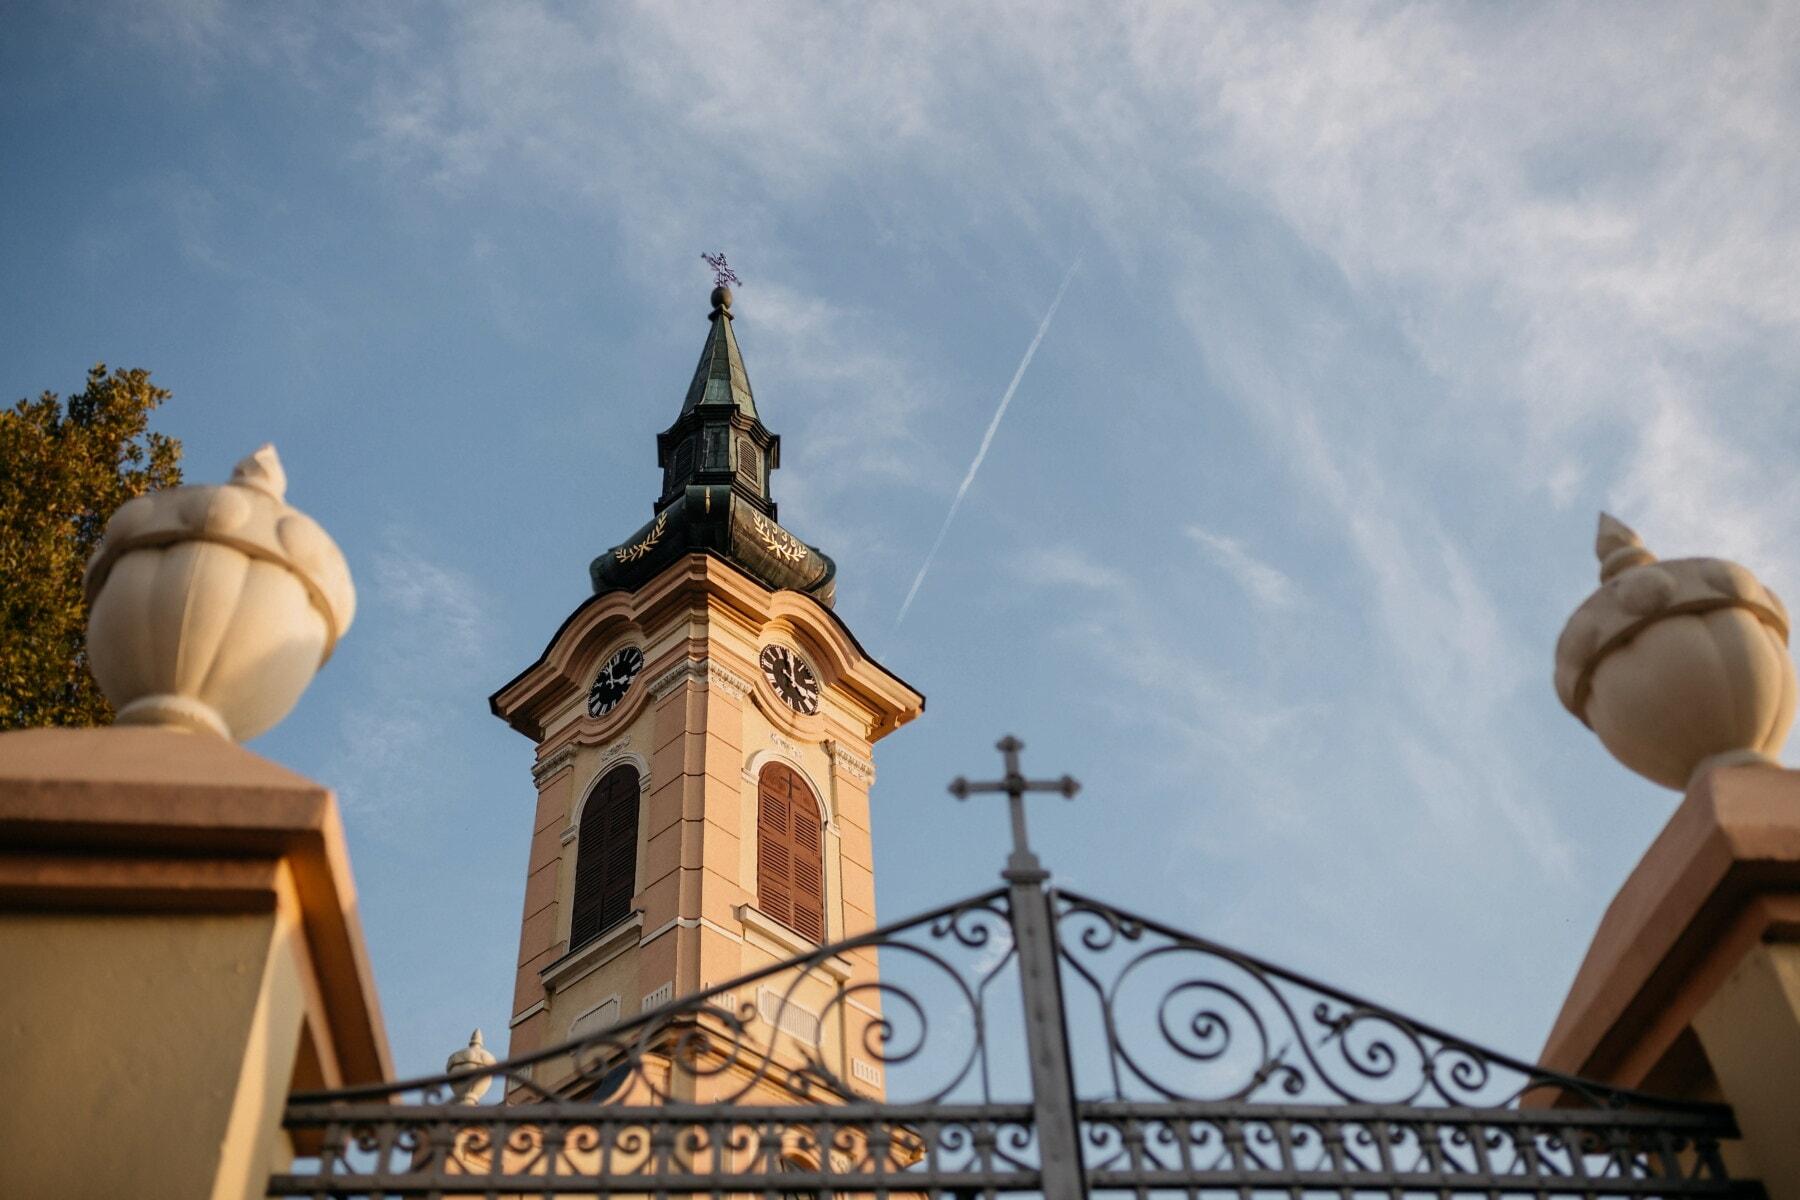 crkveni toranj, pravoslavlje, ograda, ulazna vrata, lijevano željezo, kut, kutak, arhitektura, katedrala, crkva